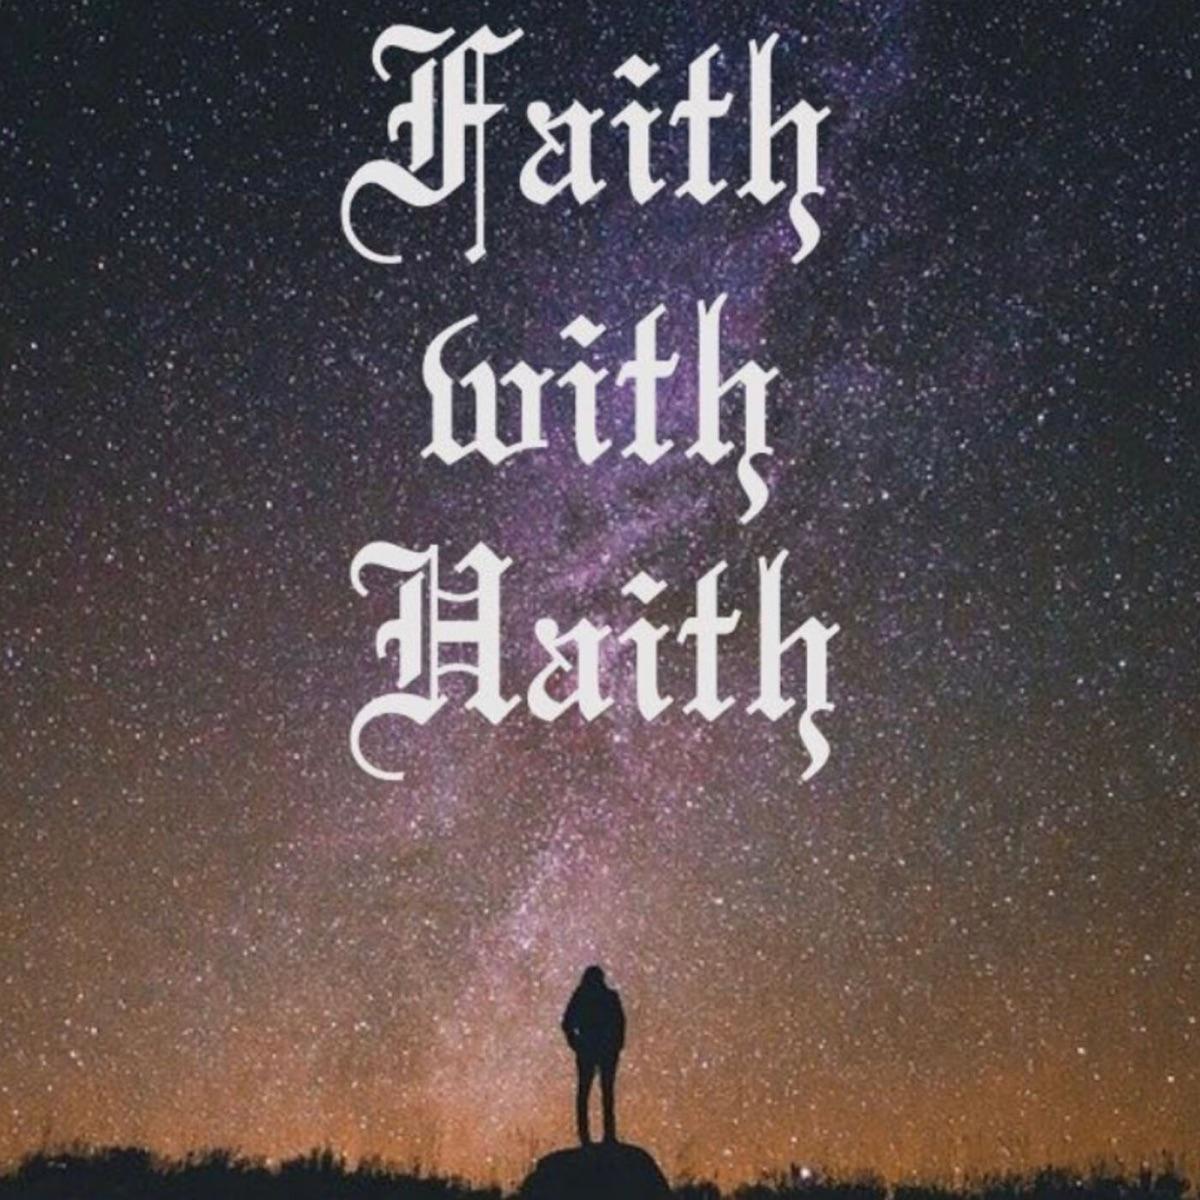 Faith with Haith